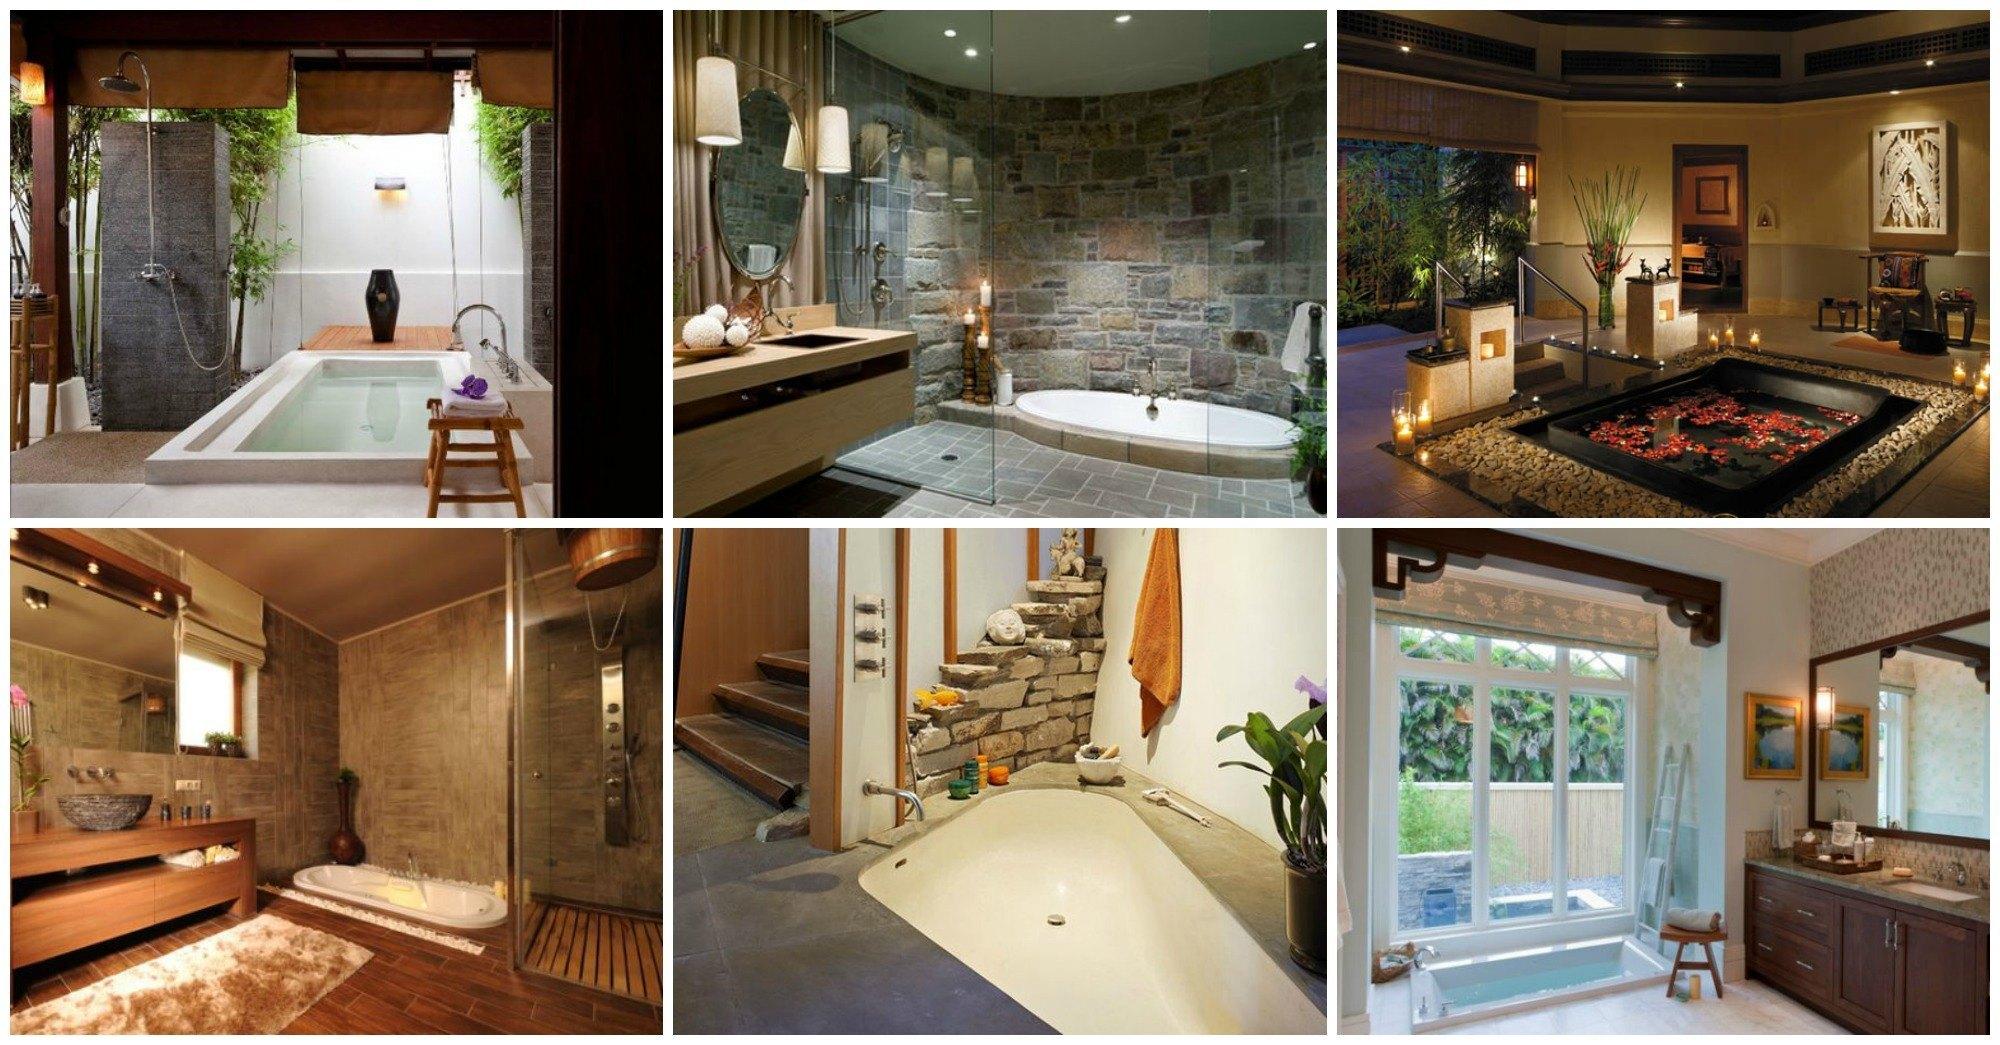 Top 10 Bathrooms Featuring Sunken Bathtubs